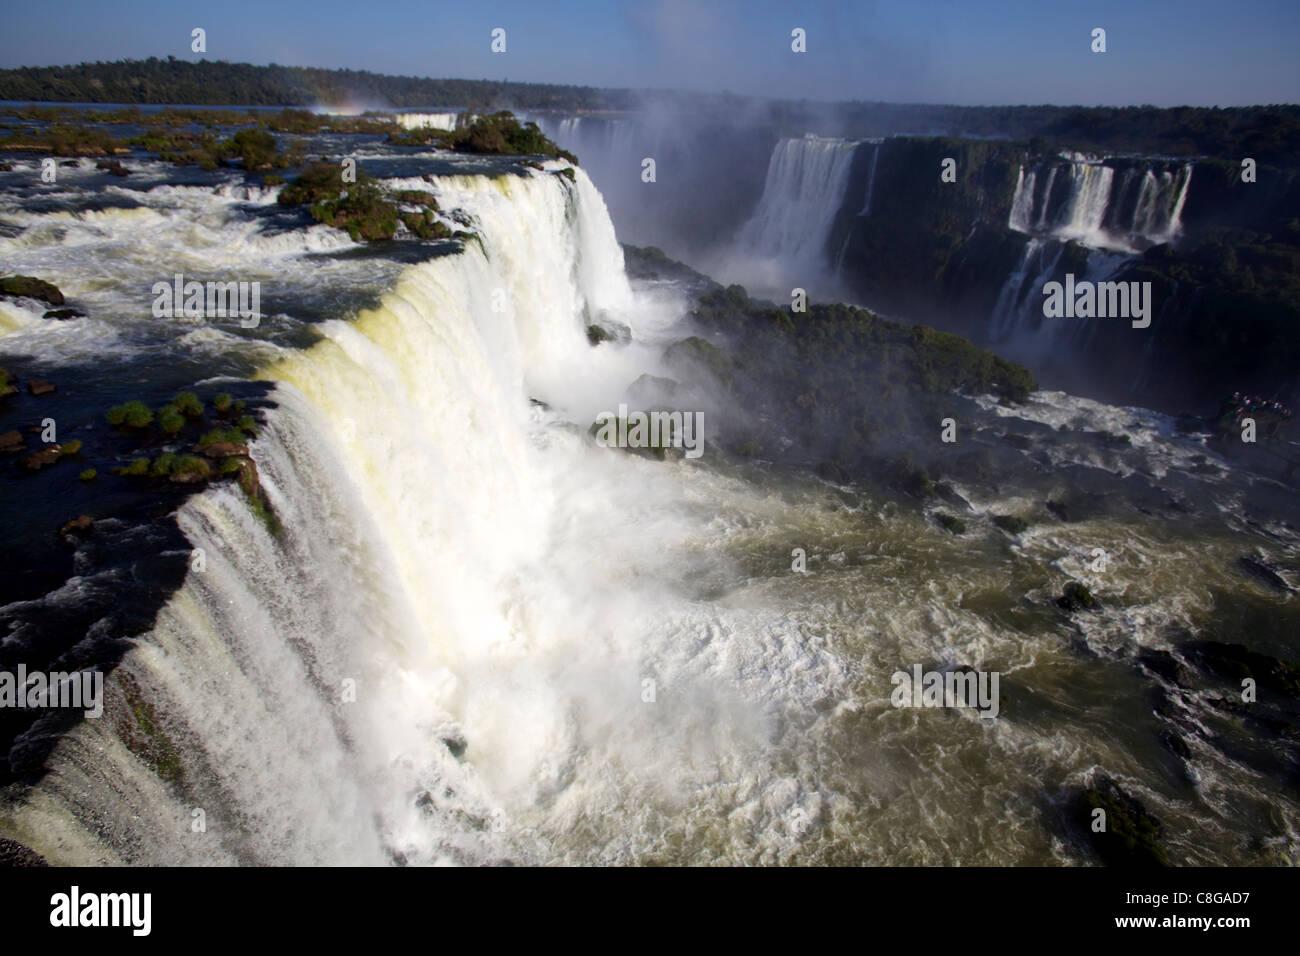 Vue sur les chutes d'Iguaçu du côté brésilien, UNESCO World Heritage Site, Brésil Banque D'Images